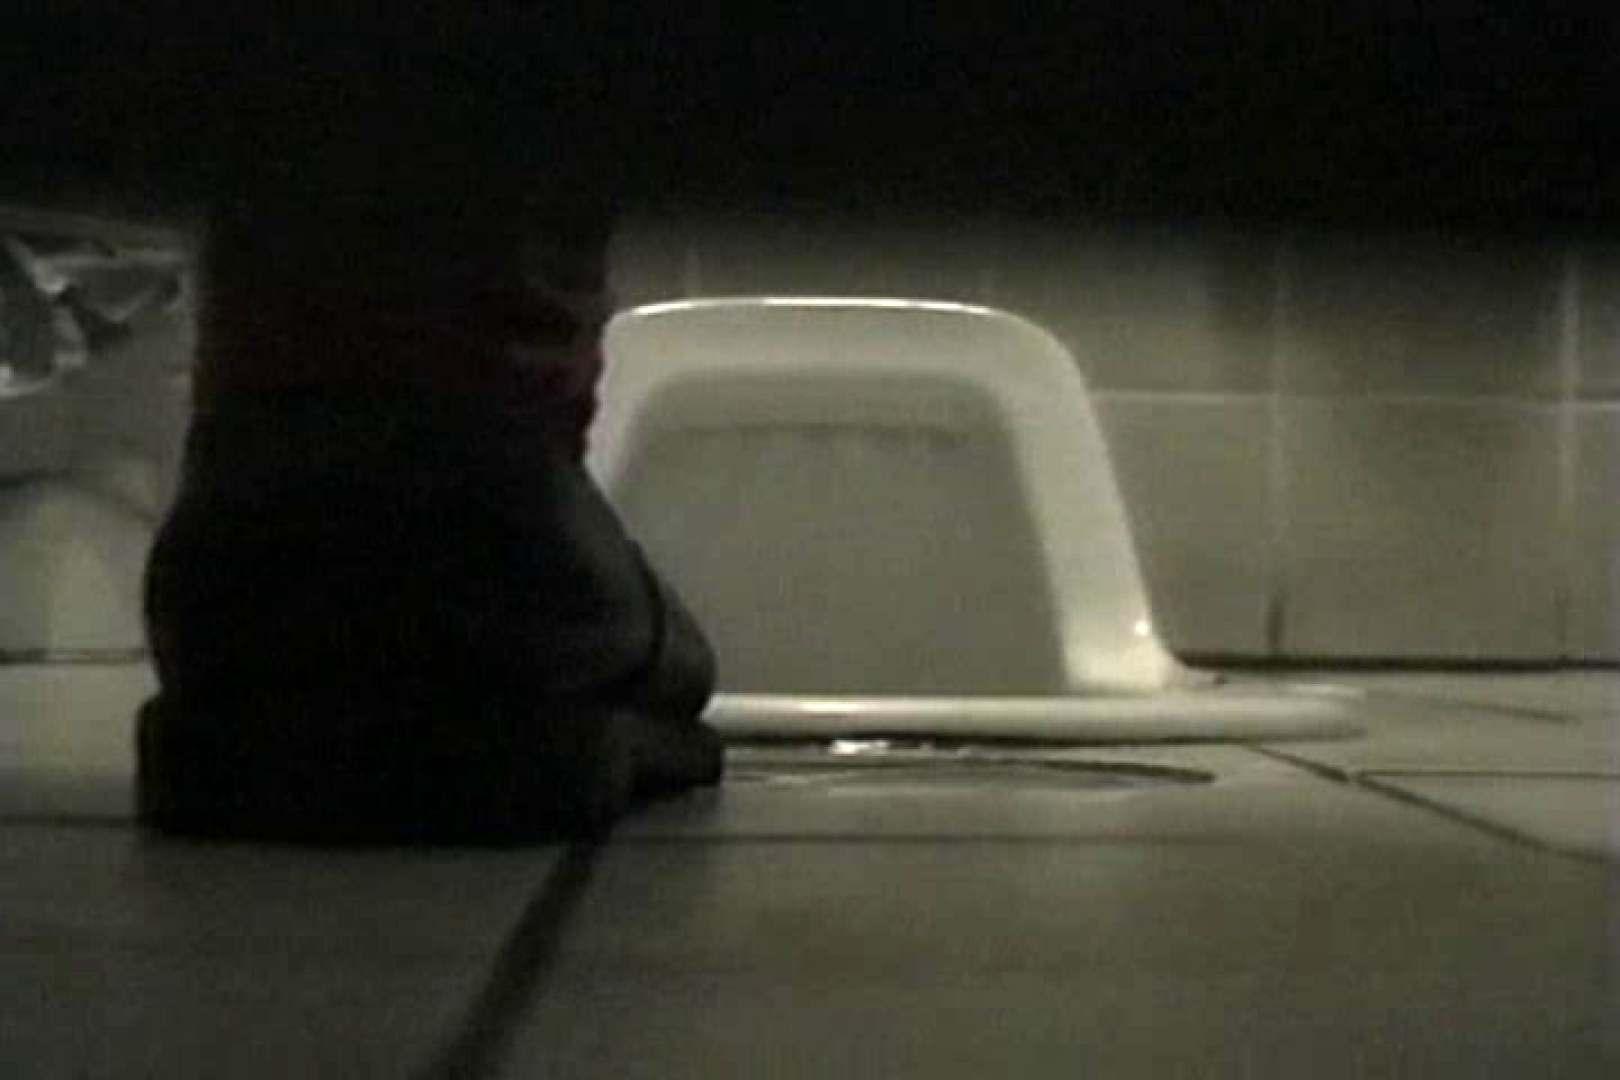 ボディコントイレで出す 投稿盗撮 TK-33 フリーハンド オマンコ動画キャプチャ 34連発 27